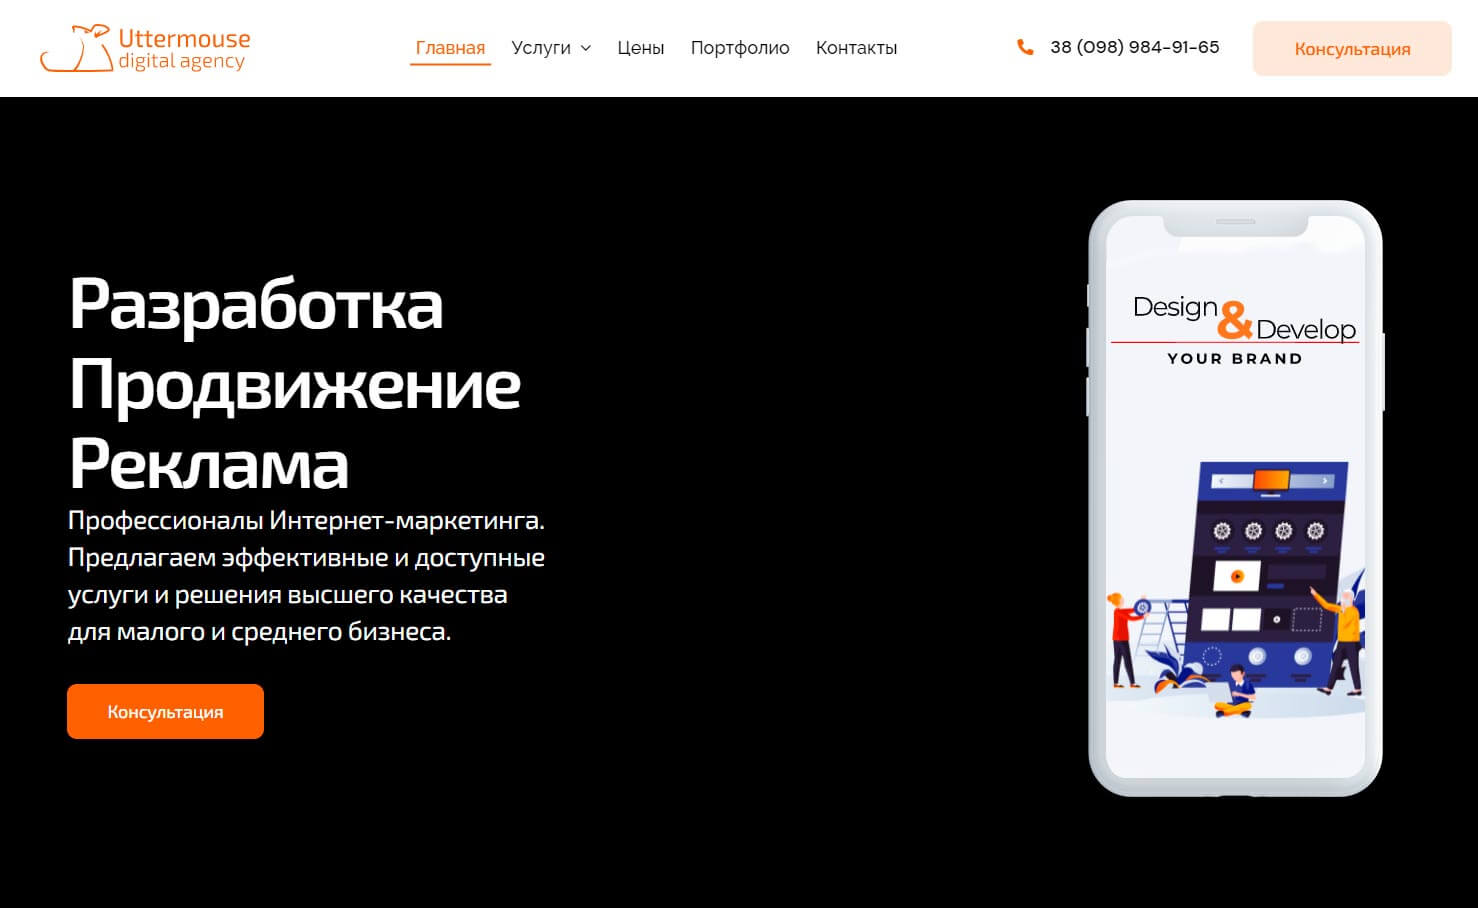 Uttermouse - обзор компании, услуги, отзывы, клиенты, Фото № 1 - google-seo.pro